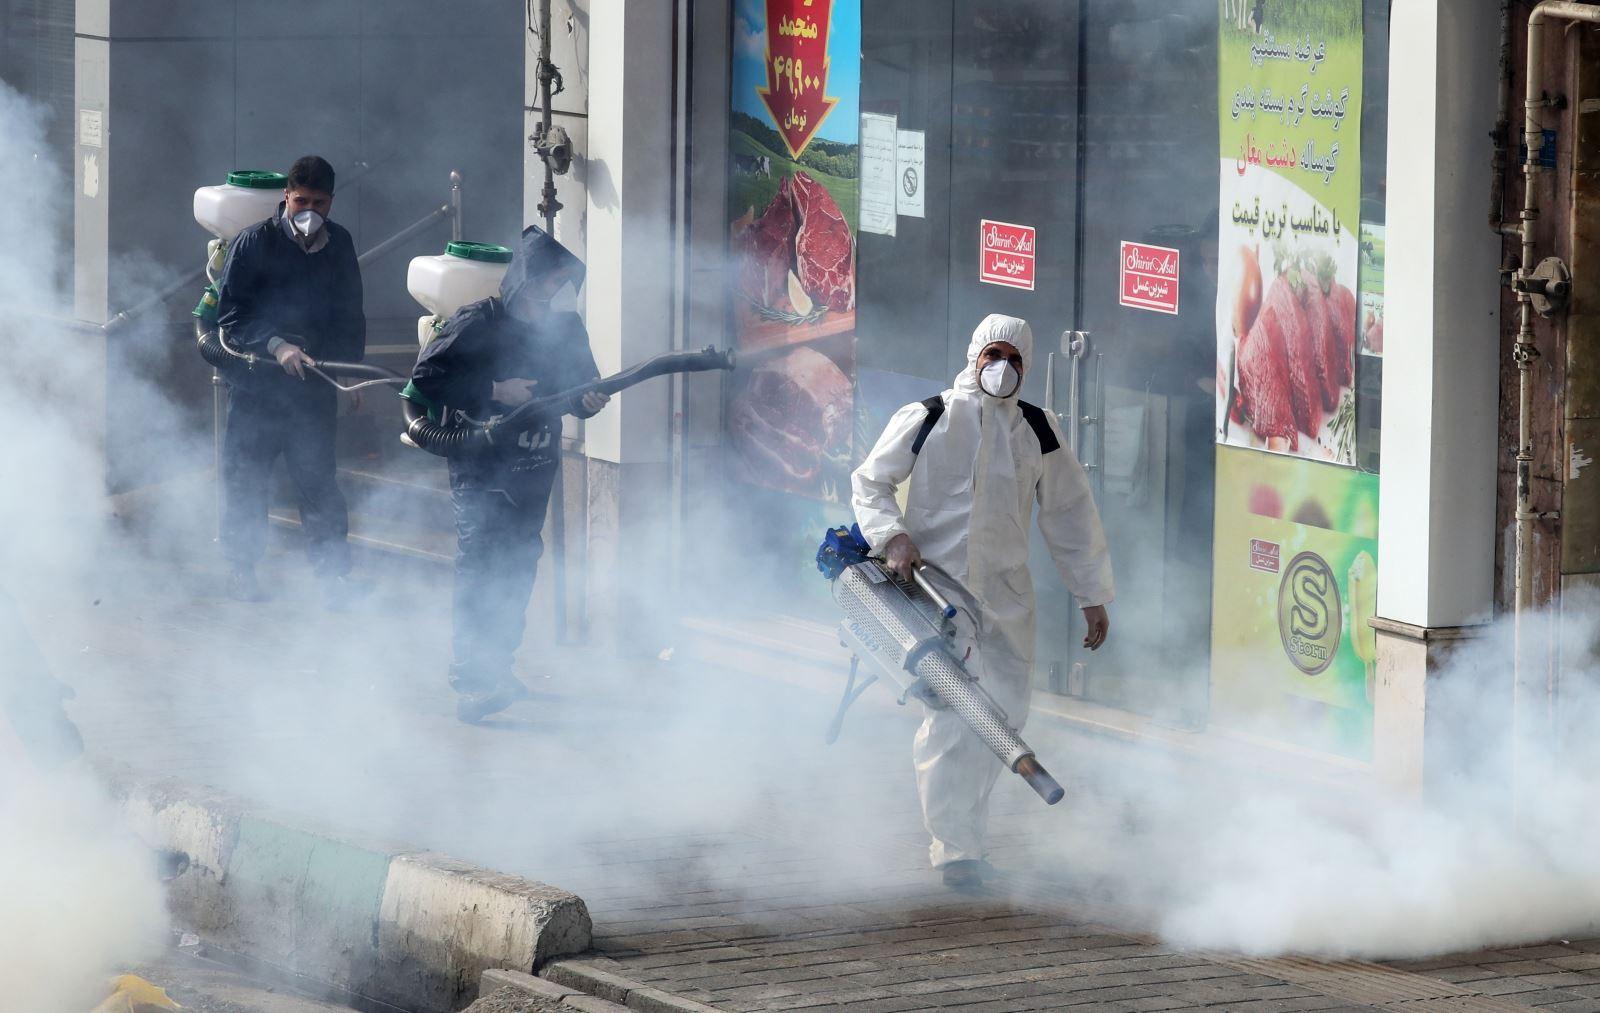 Phun thuốc khử trùng nhằm ngăn chặn sự lây lan của dịch COVID-19 tại Tehran, Iran ngày 13-3-2020. Ảnh: AFP/TTXVN